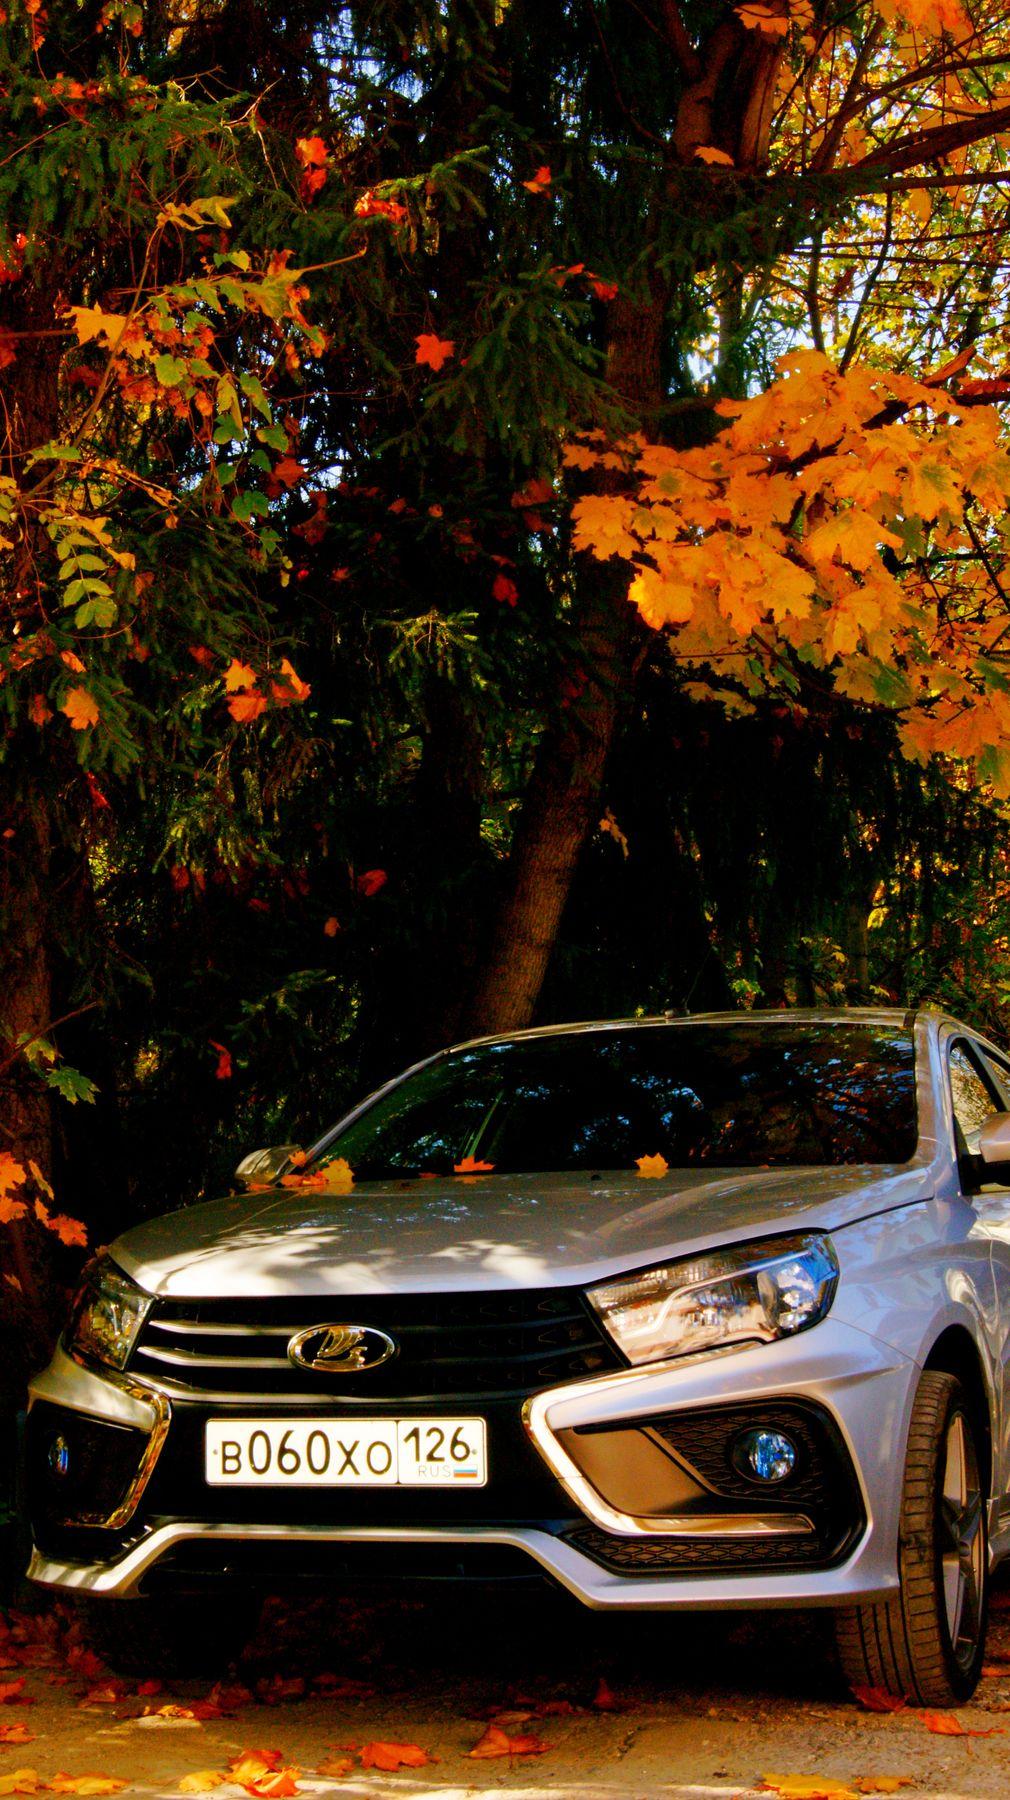 Ноябрьский  вид авто... осень листва авто у дома